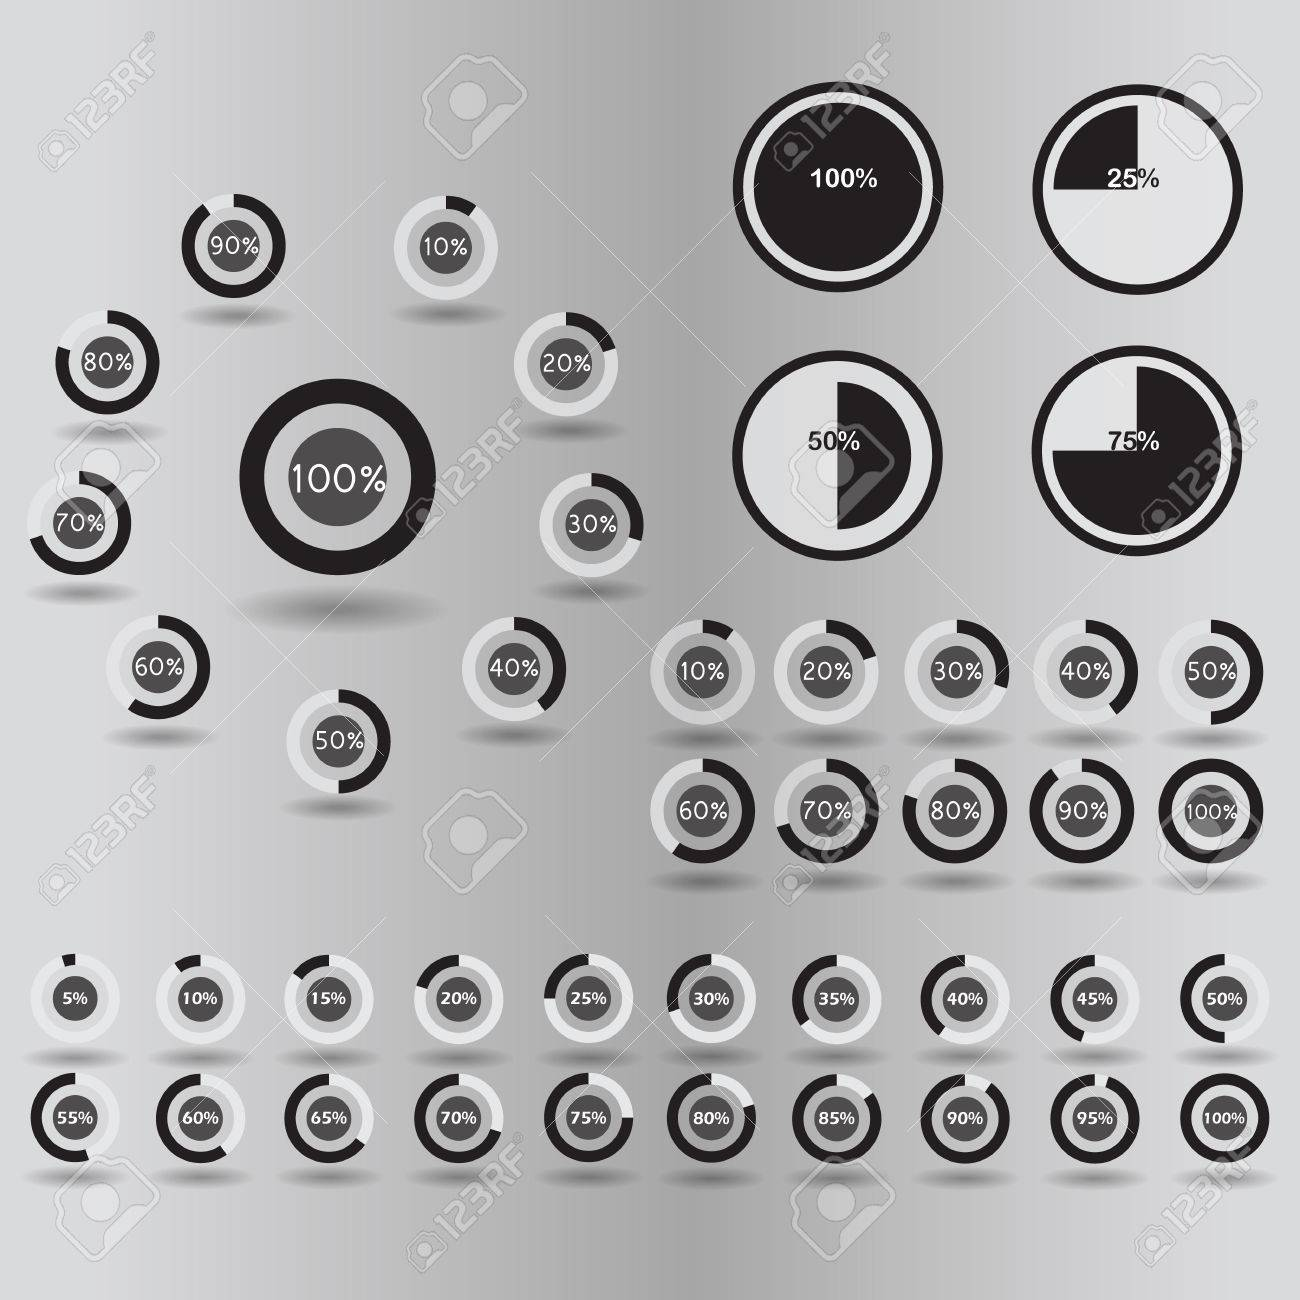 Negocios Iconos De Infografía Plantilla De Gráfico Circular Círculo ...